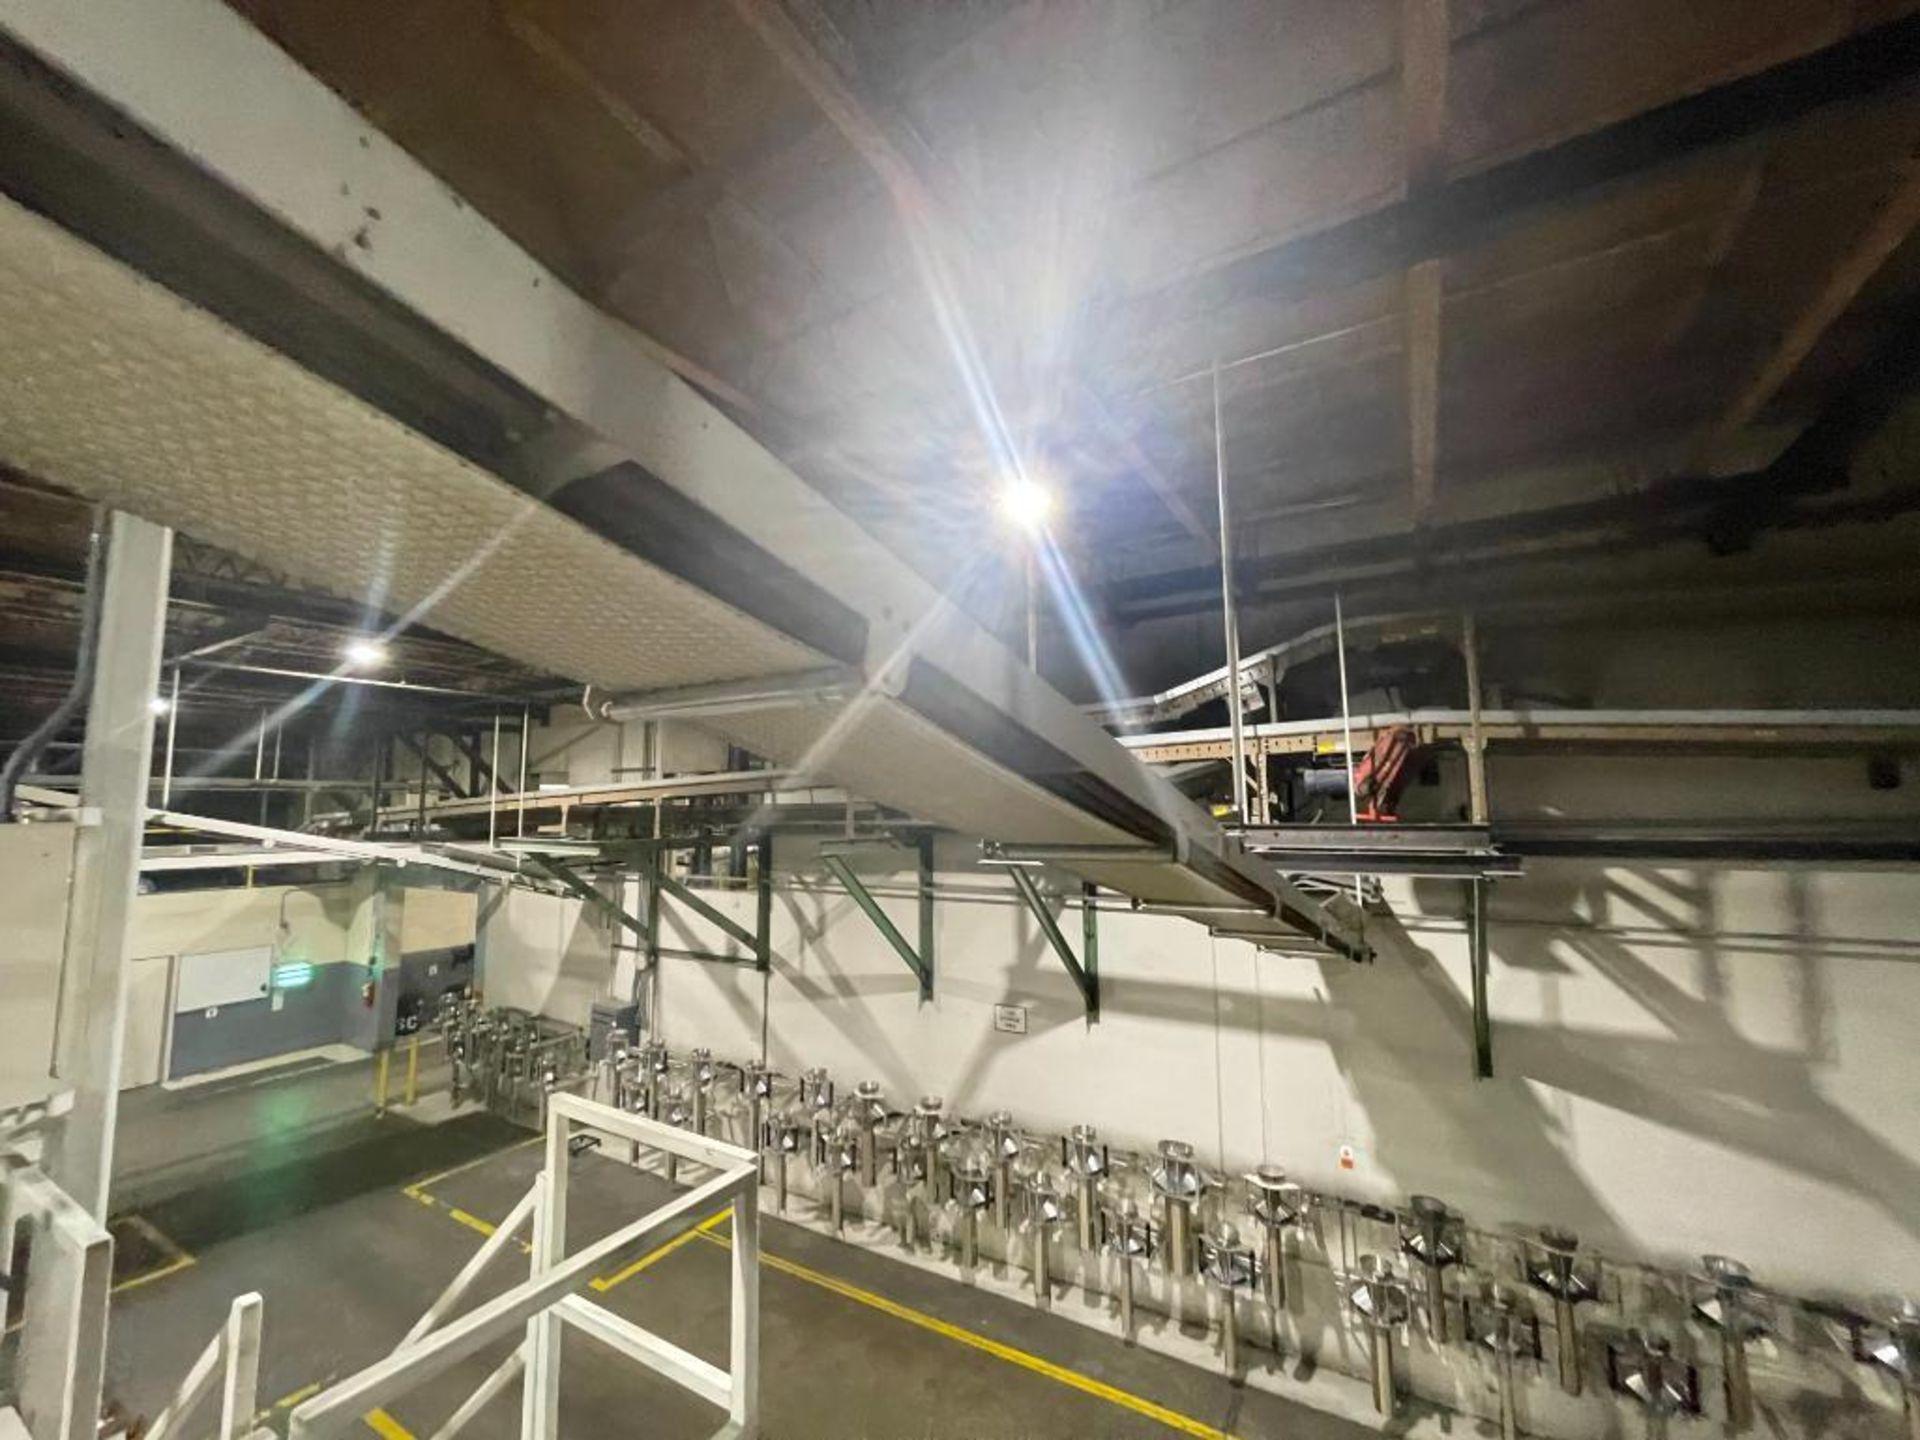 mild steel overhead belt conveyor - Image 5 of 12